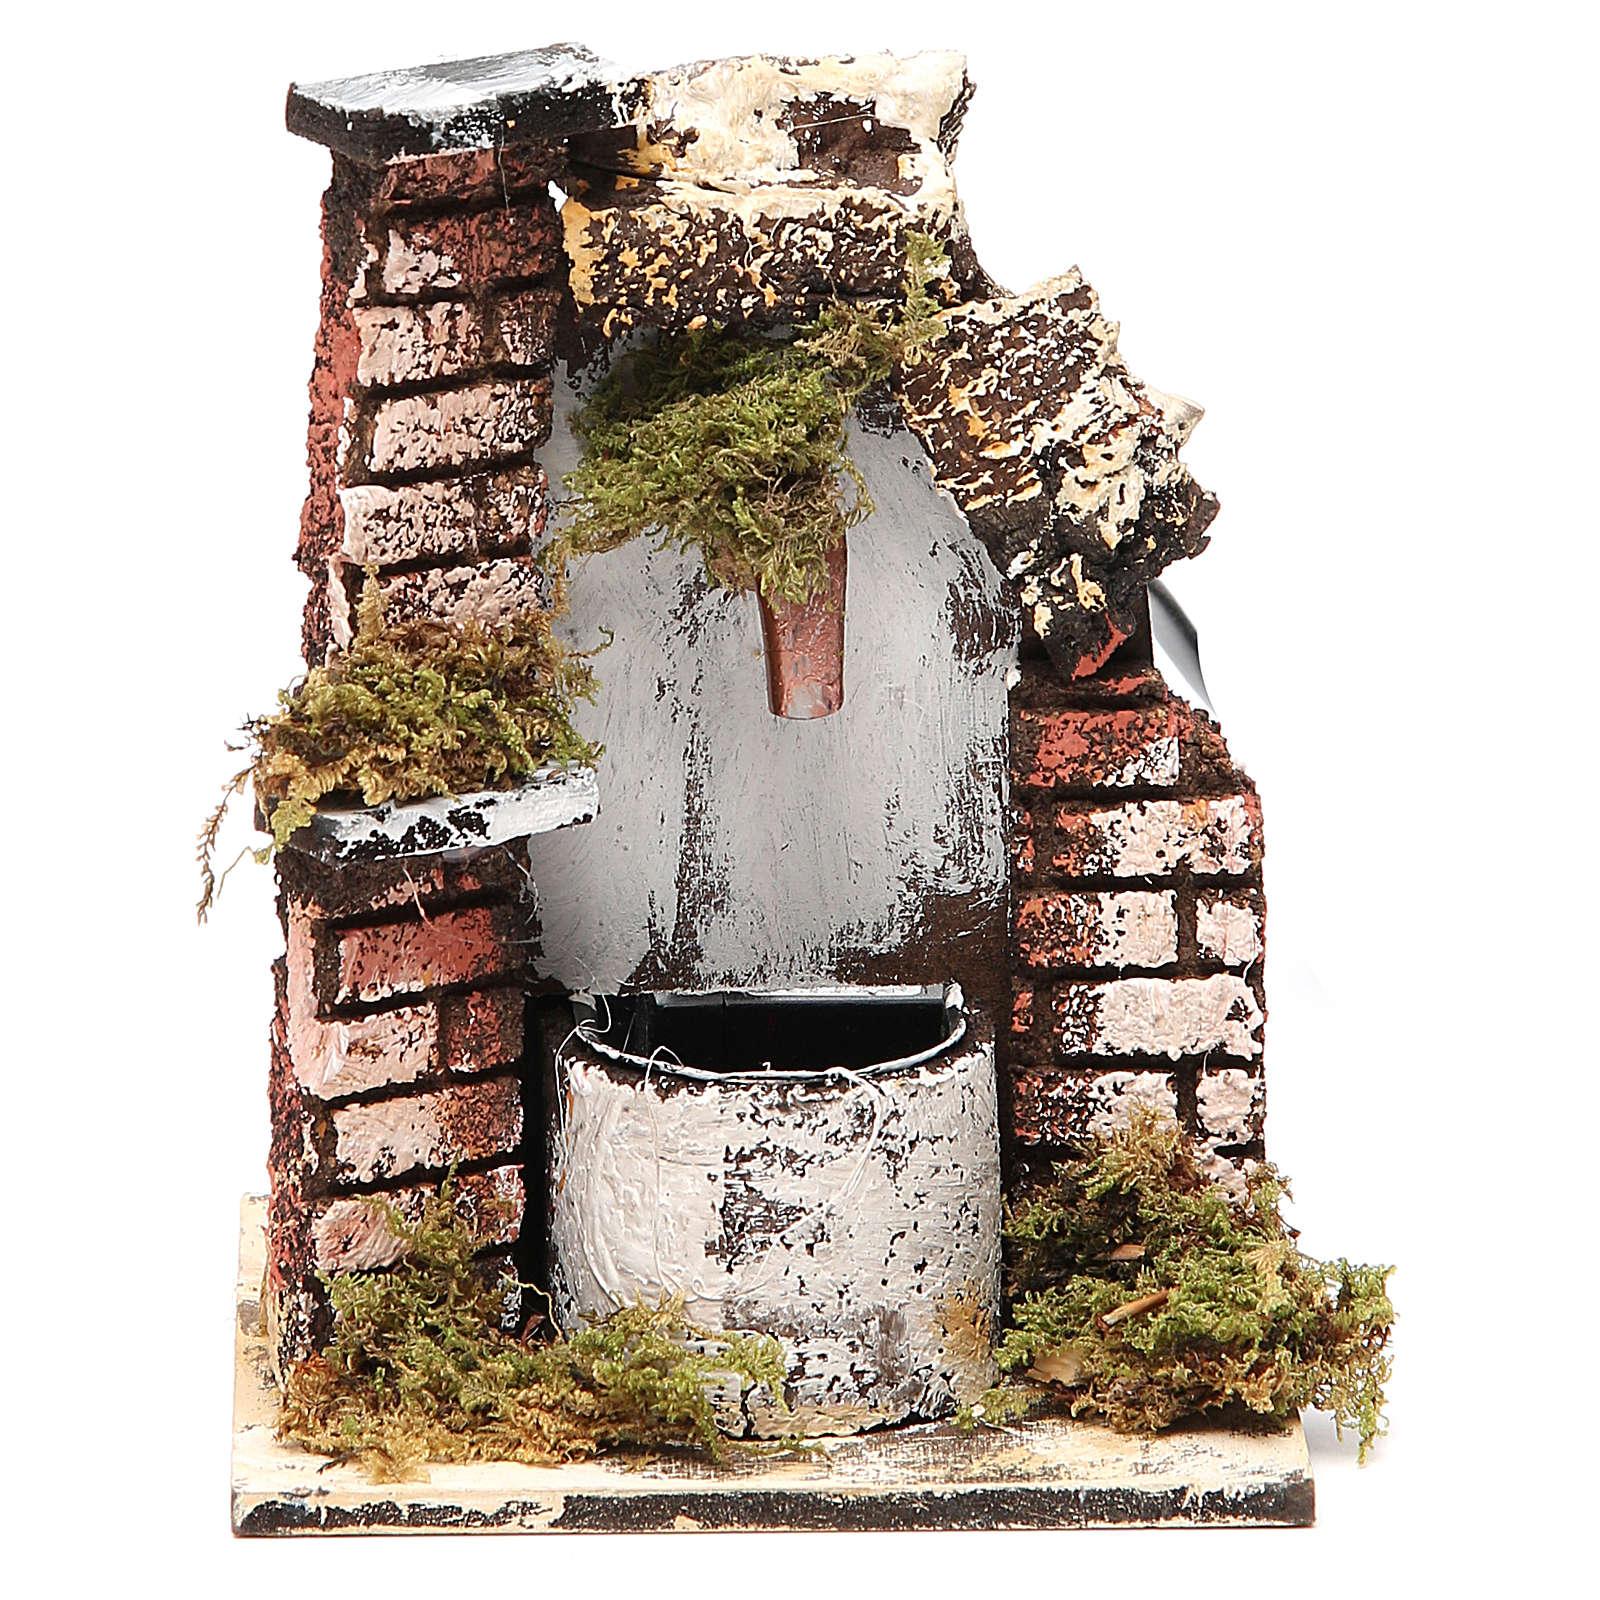 Fontaine crèche bois et liège 14x11x11 cm modèles assortis 4